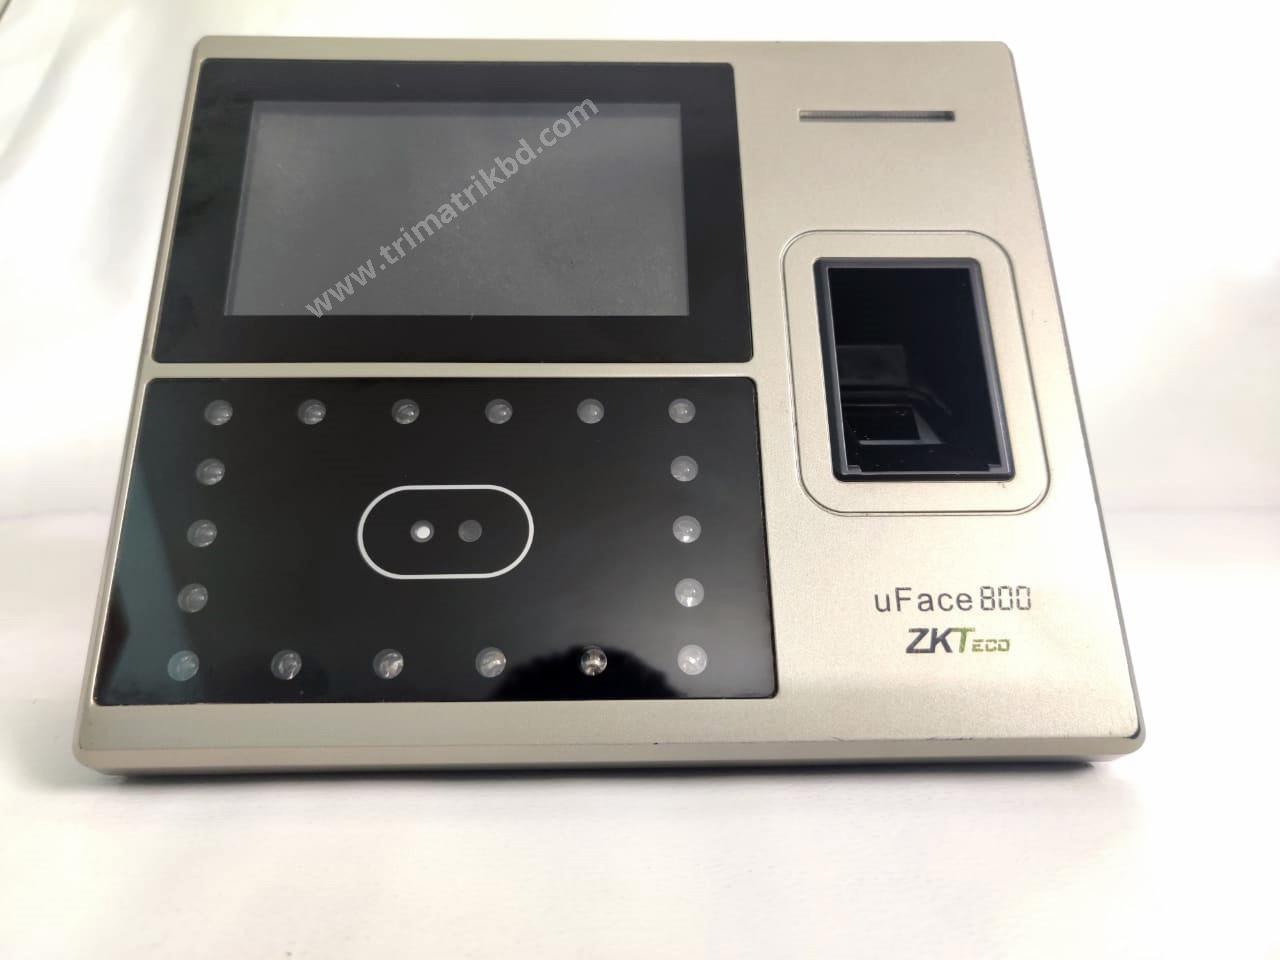 ZKTeco uFace 800 price in BD